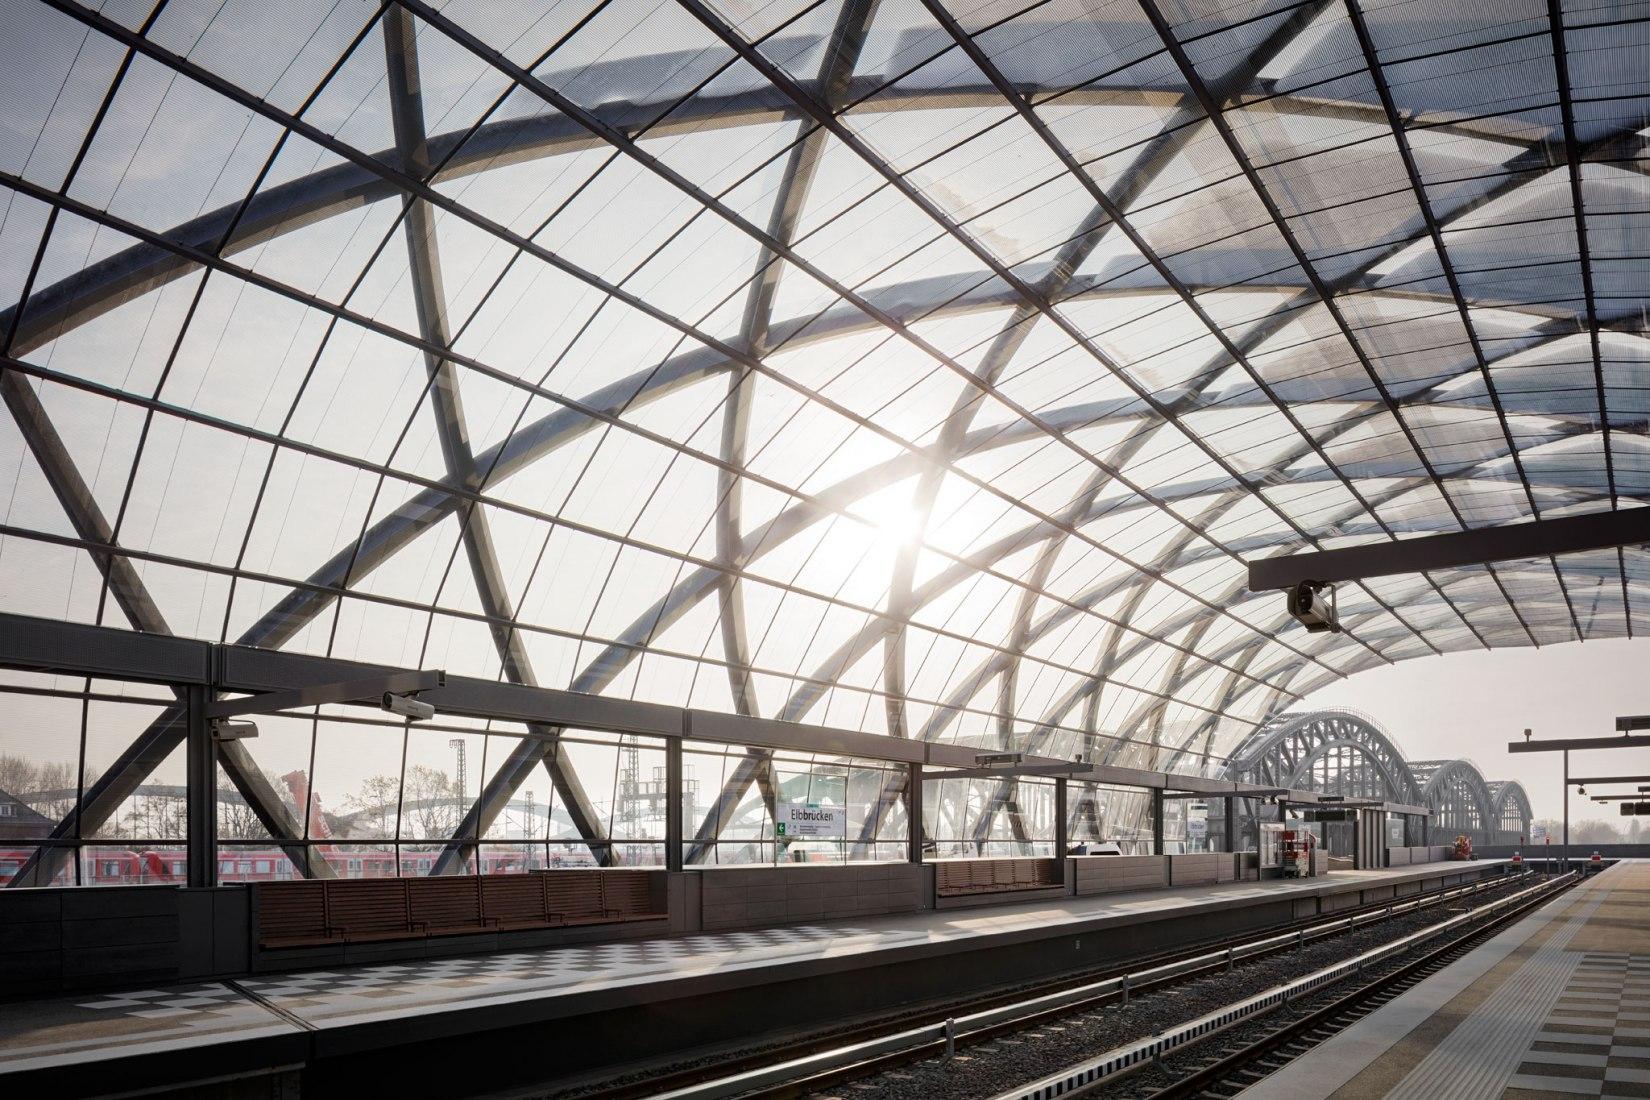 Nueva estación de metro Elbbrücken por gmp Architekten y sbp. Fotografía por Marcus Bredt.